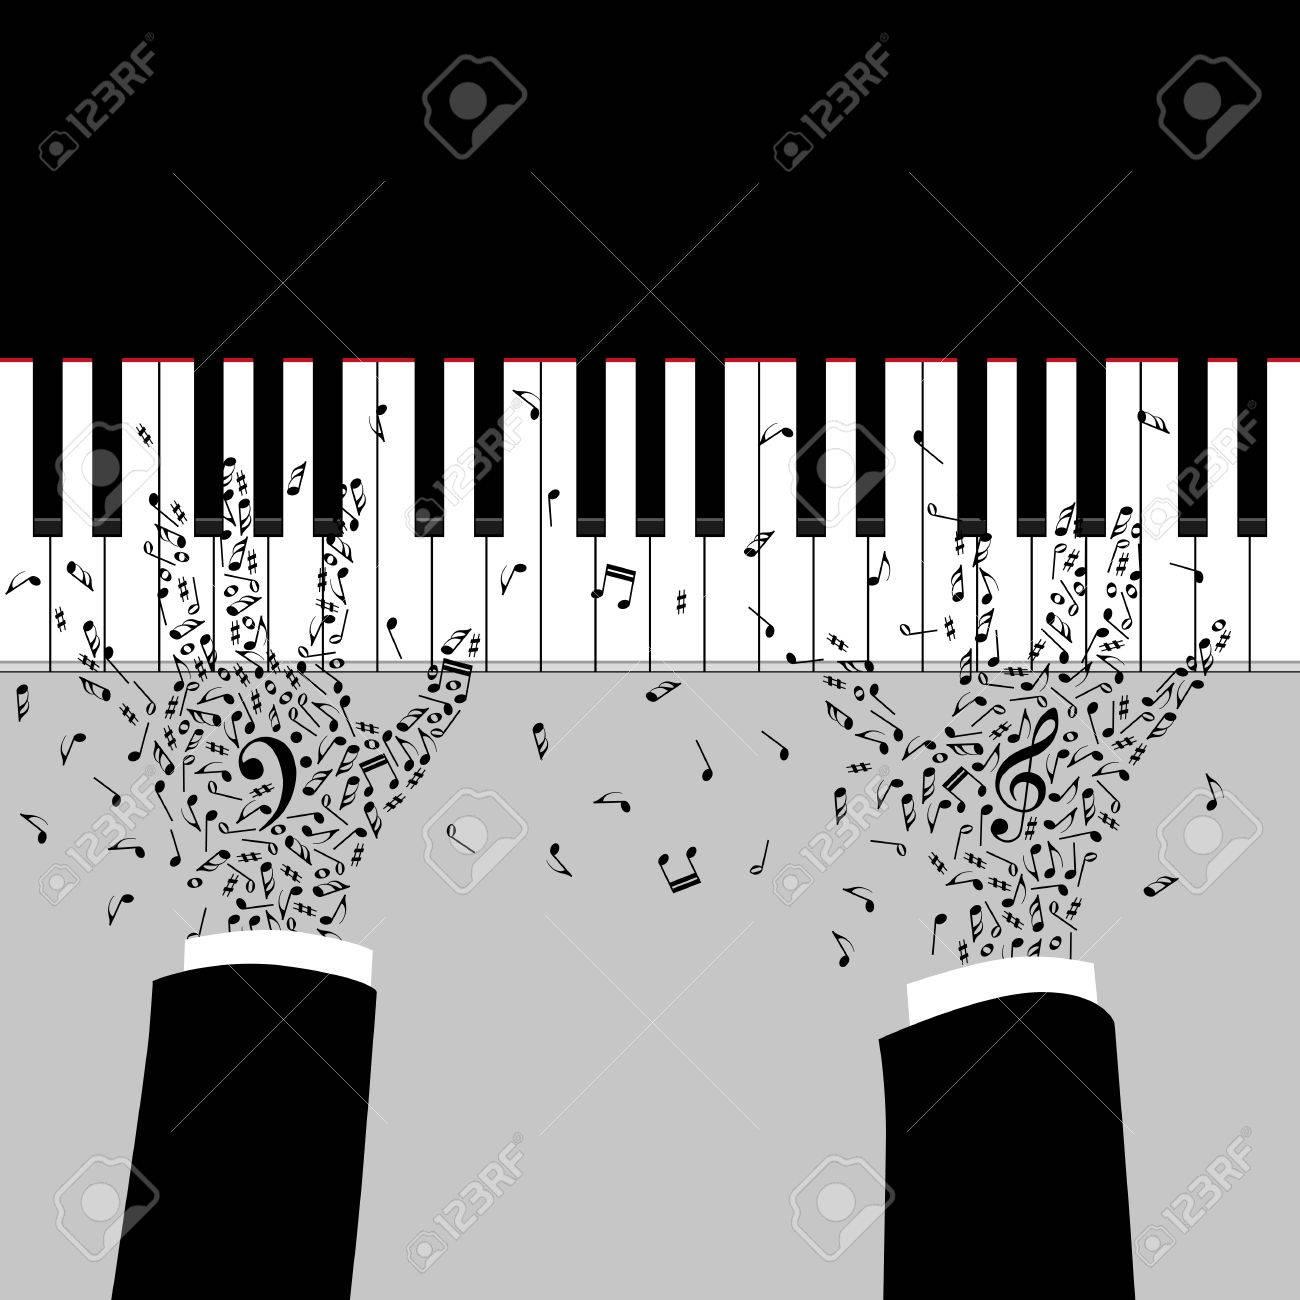 Las Manos Del Músico Están Jugando En El Piano Silueta Con Teclas